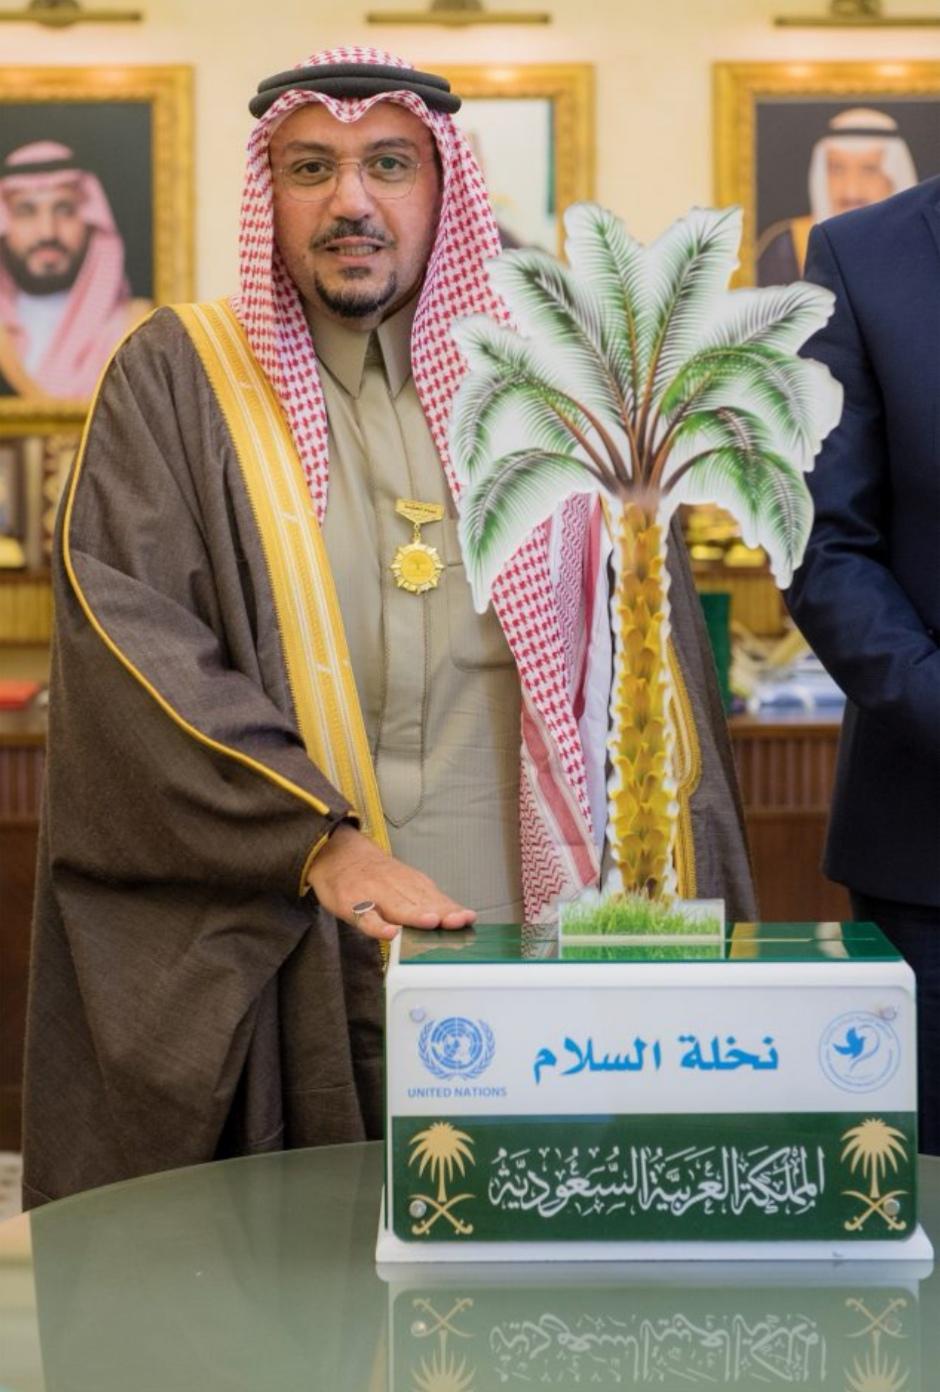 نخلة السلام السعوديه تنطلق من القاهره إلى العالم